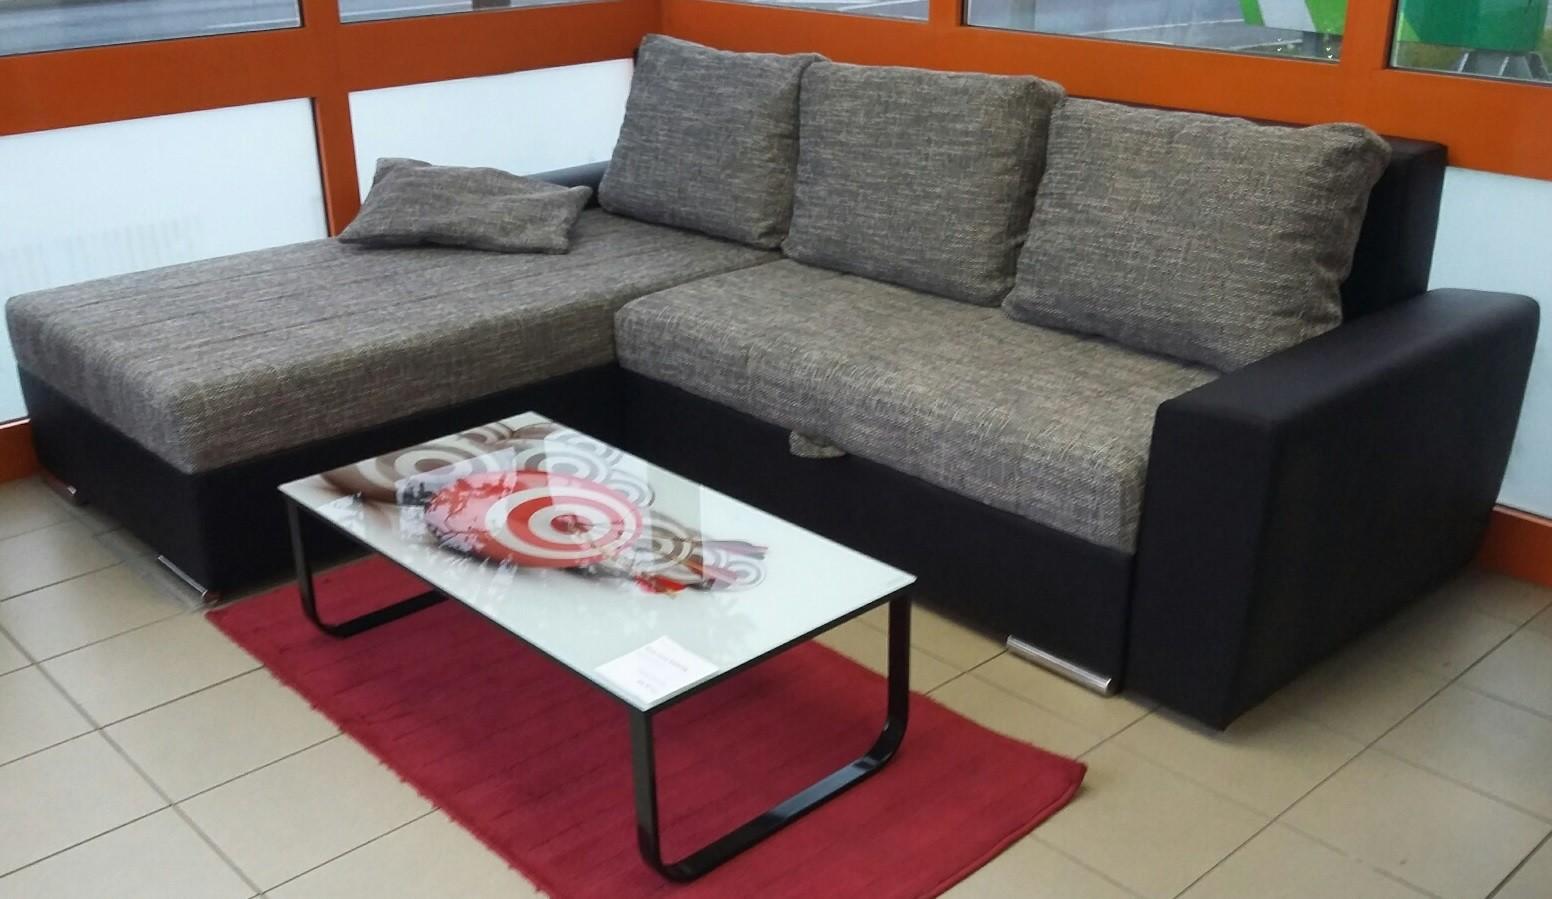 Odprodaja modernih sedežnih garnitur